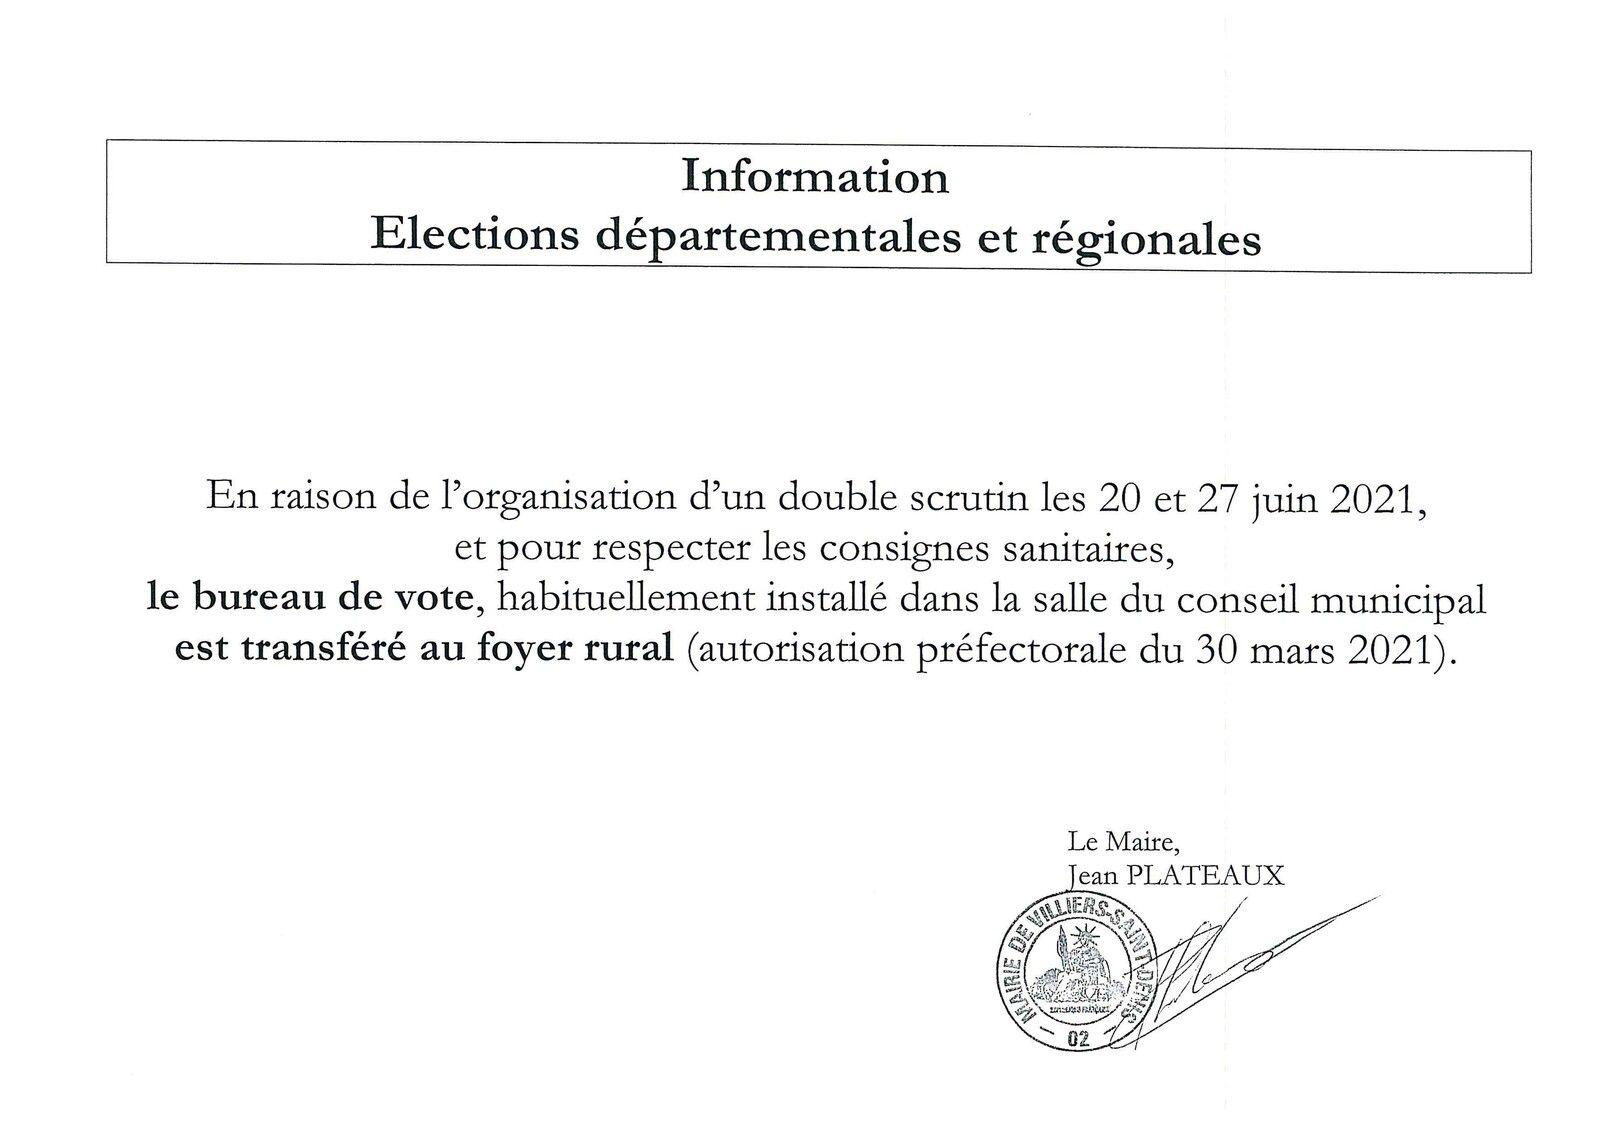 Information - élections départementales et régionales